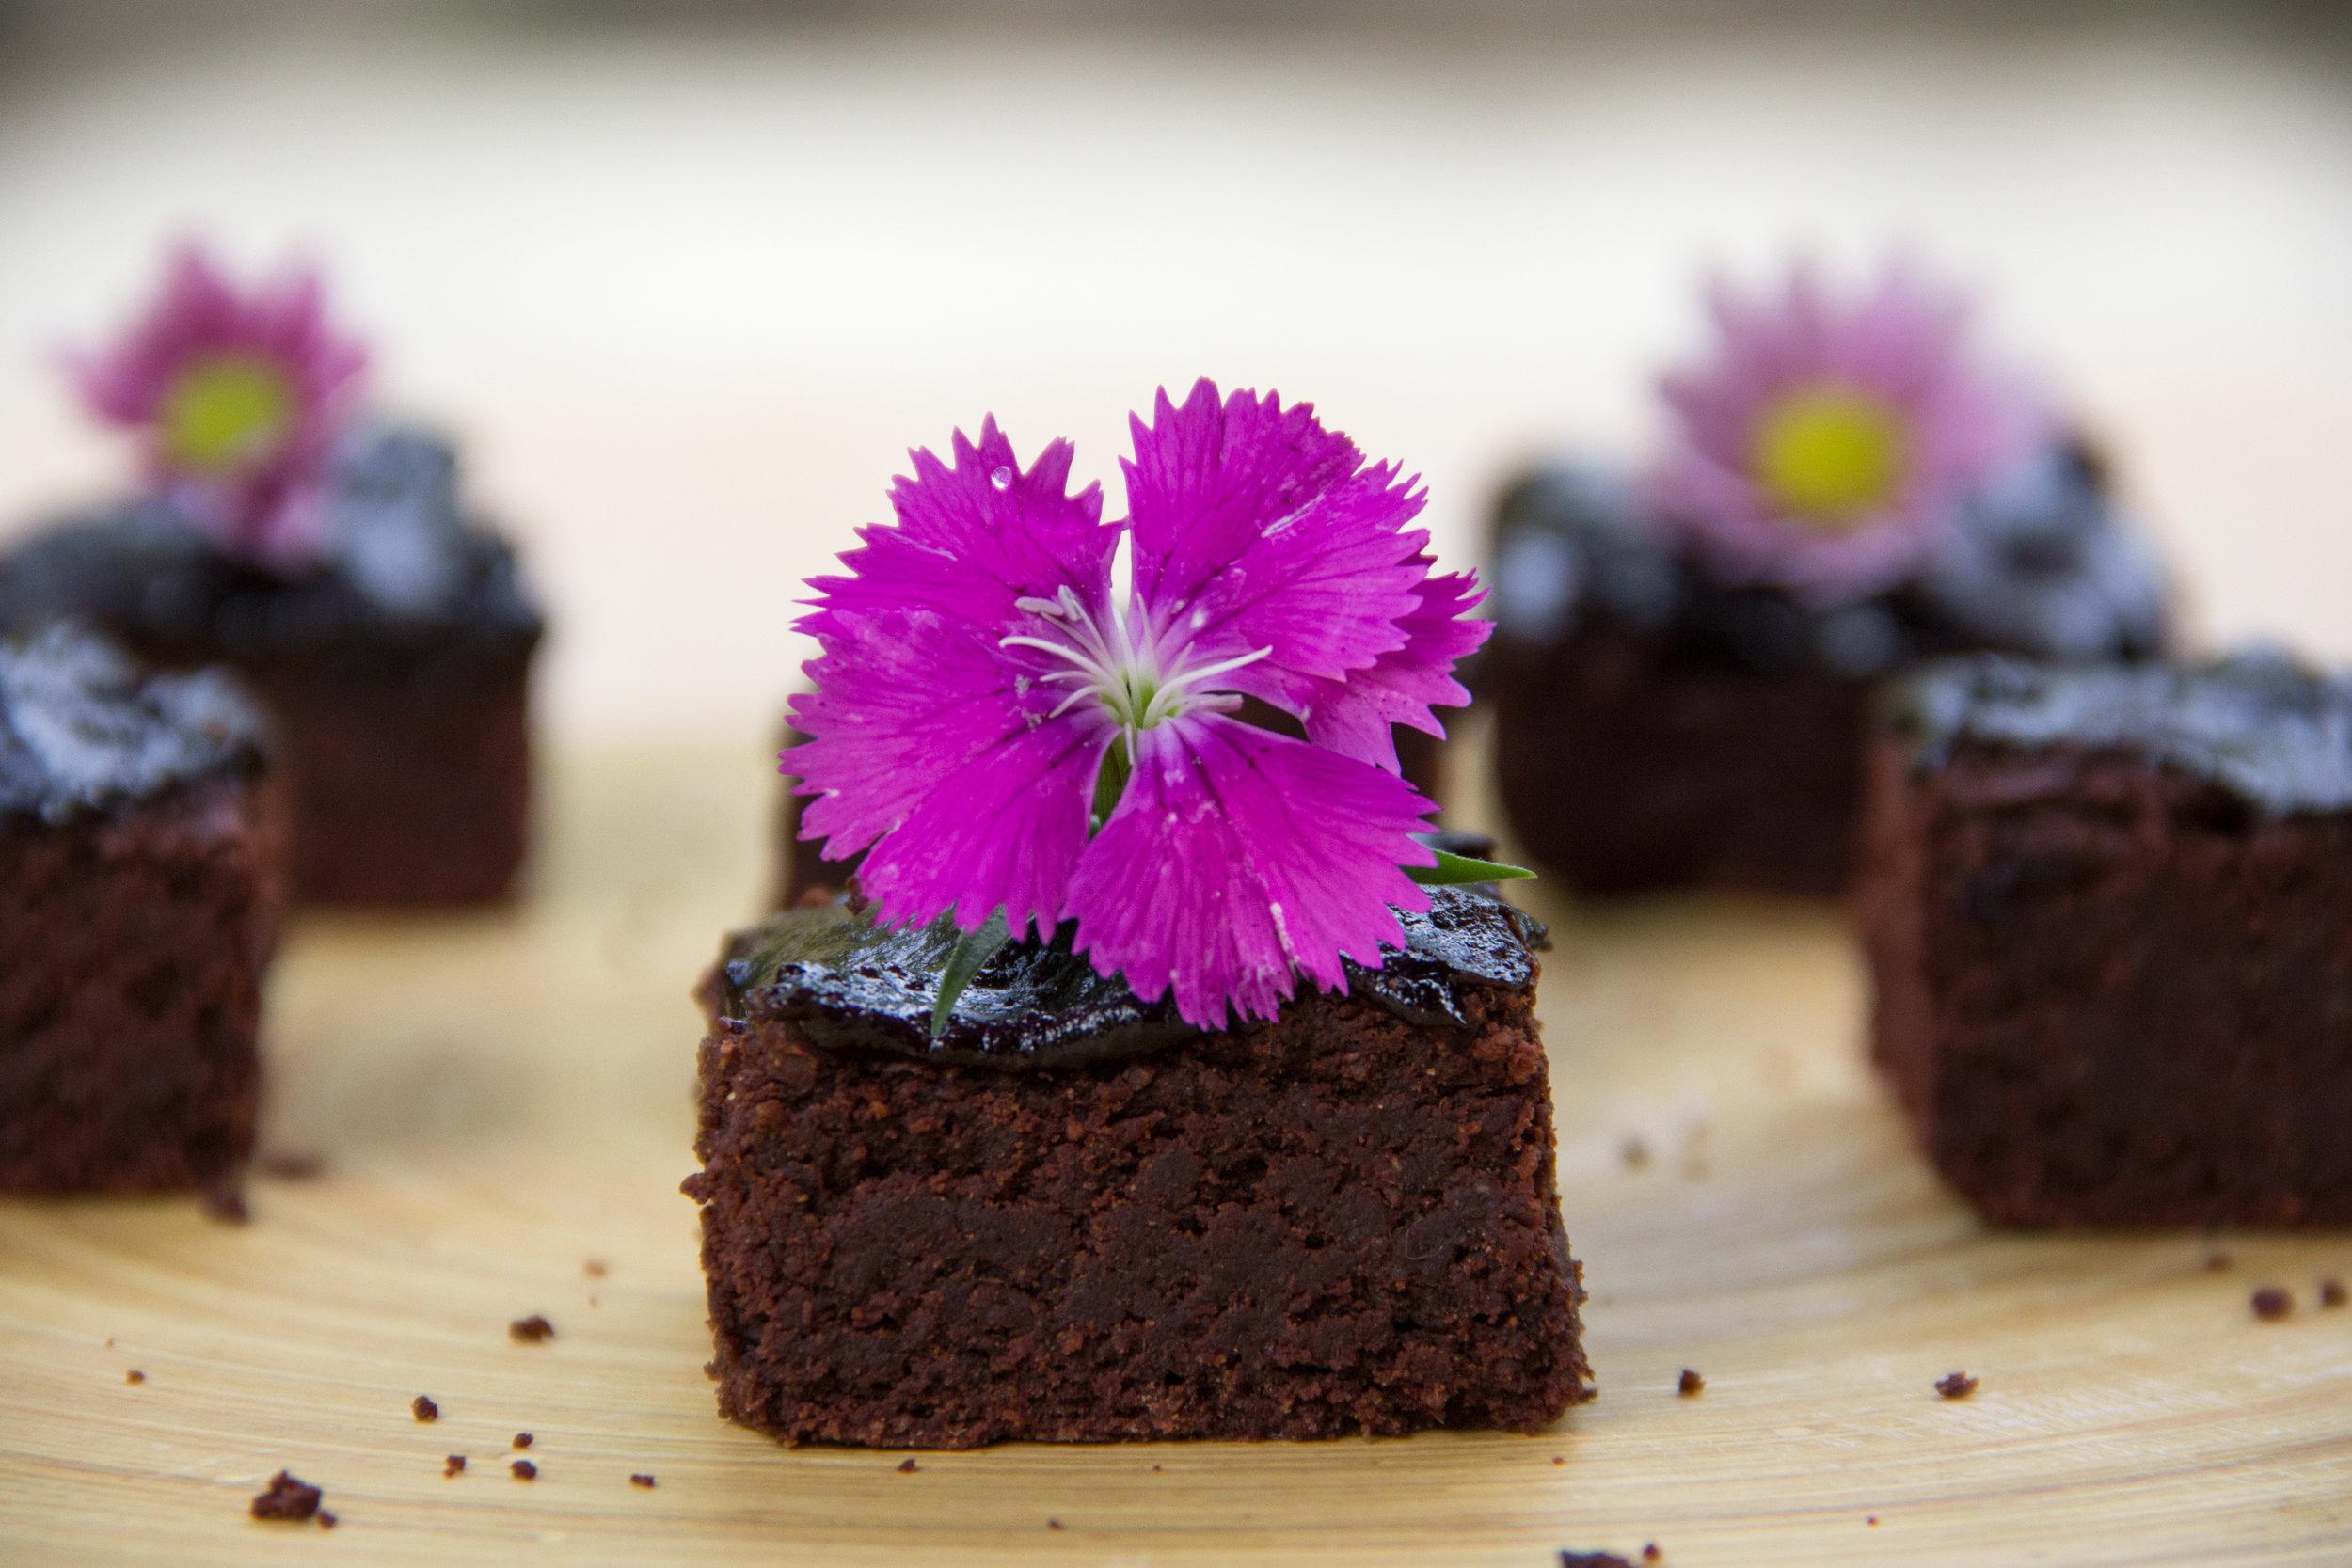 Brownie De Farinha De Mandioca E Mesocarpo.jpg